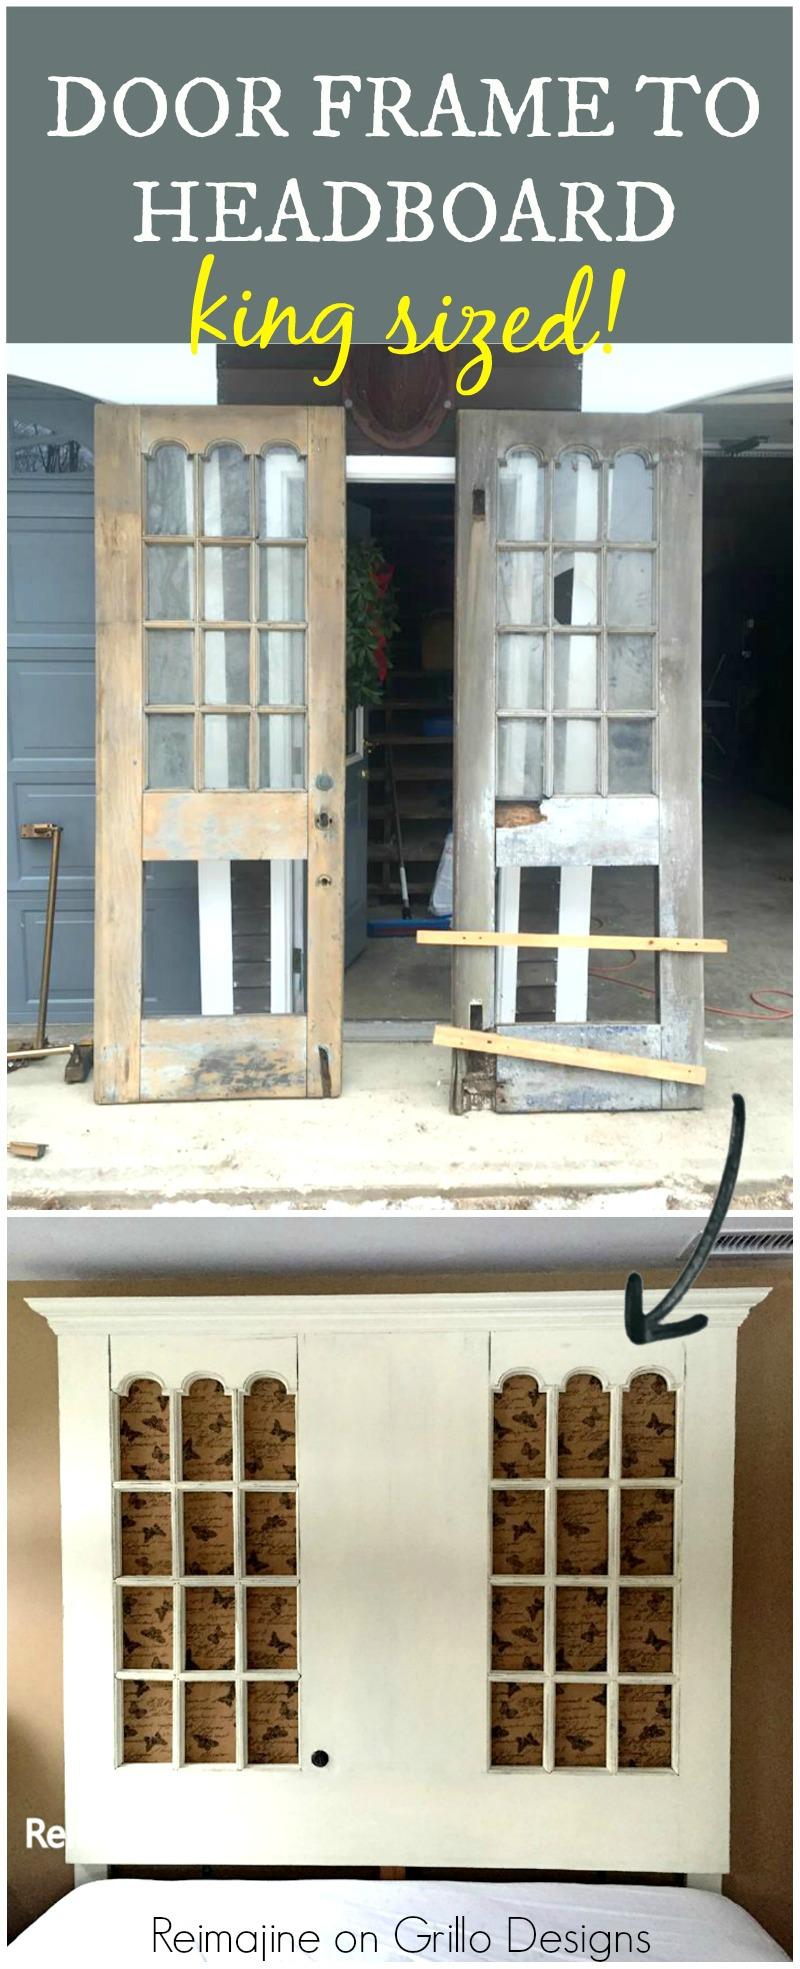 DIY DOOR FRAME TO HEADBOARD